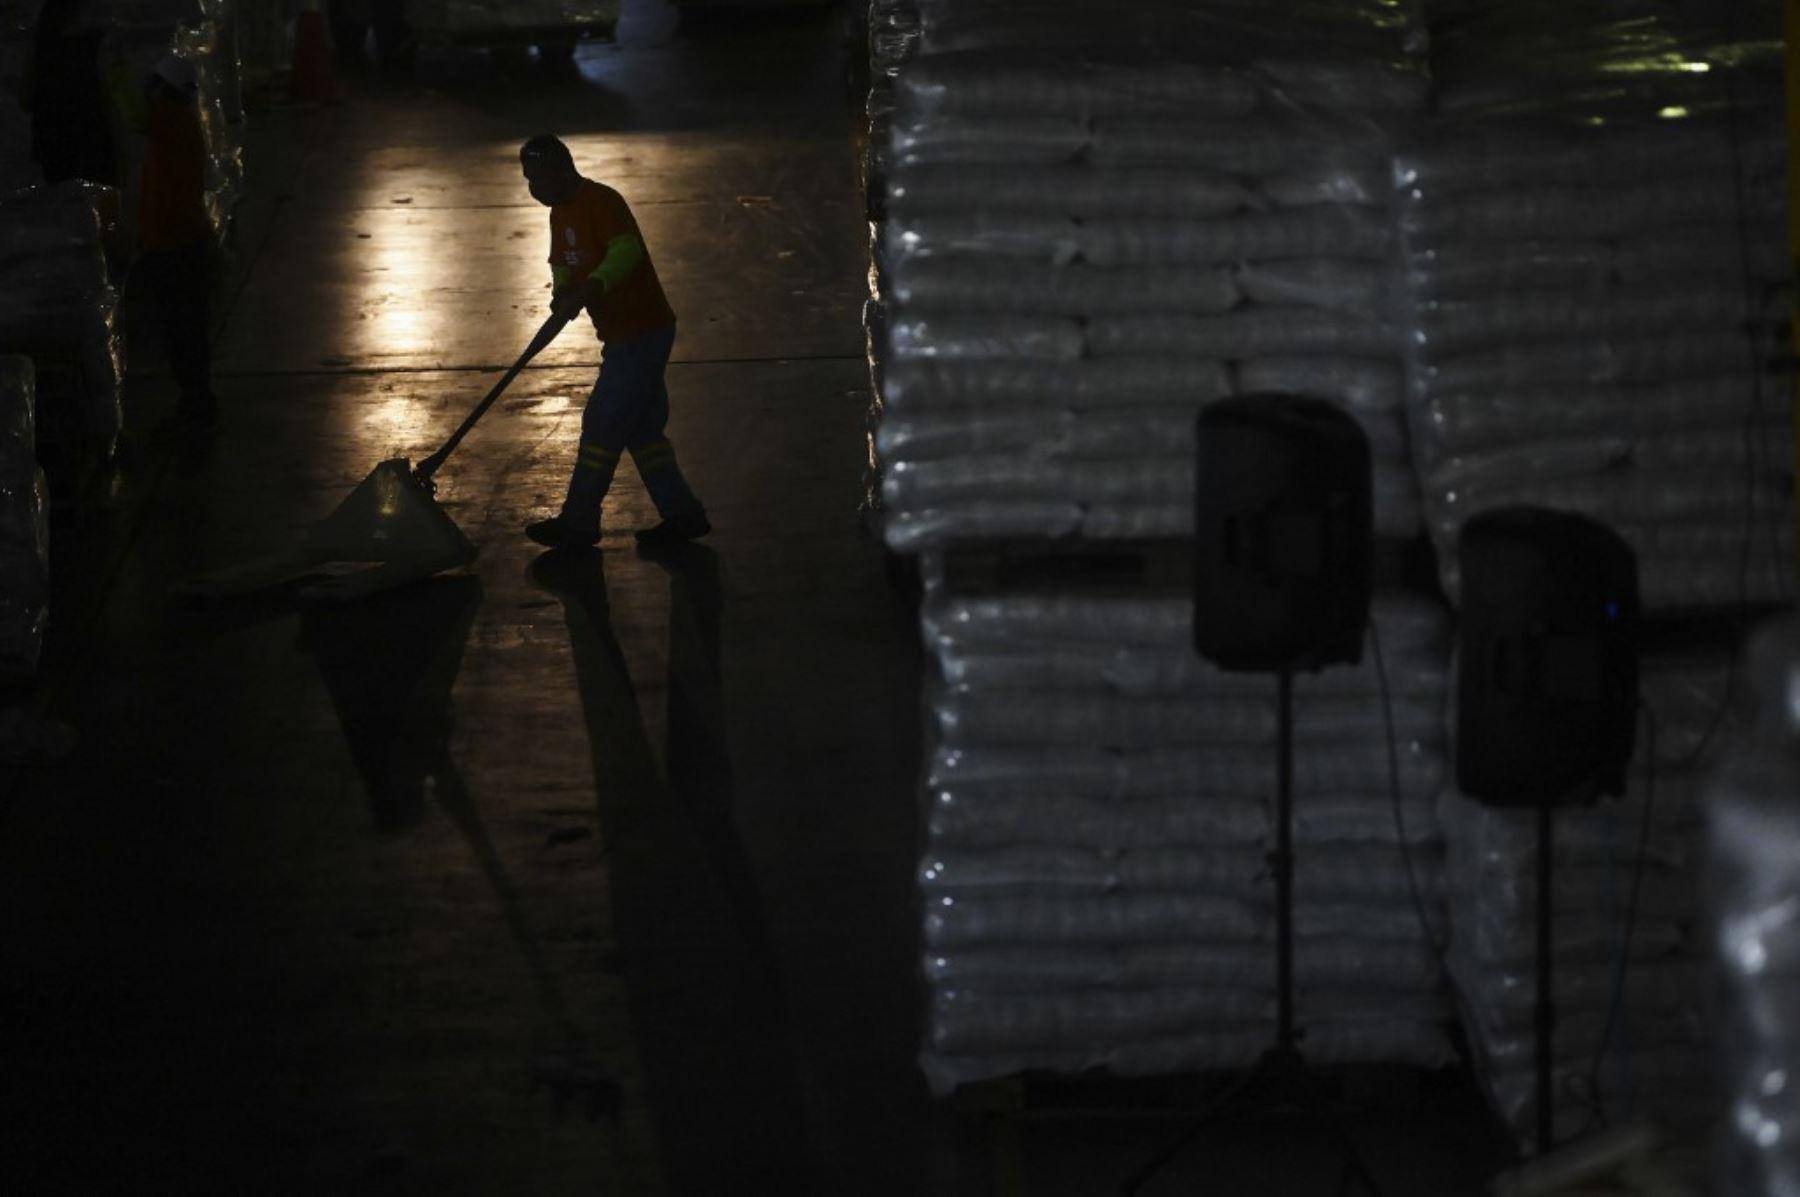 Los trabajadores y voluntarios del gobierno almacenan y distribuyen paquetes con alimentos que serán entregados a las familias económicamente afectadas durante la cuarentena especial decretada por el gobierno debido a la pandemia de coronavirus COVID-19, en Ilopango, El Salvador. Foto: AFP